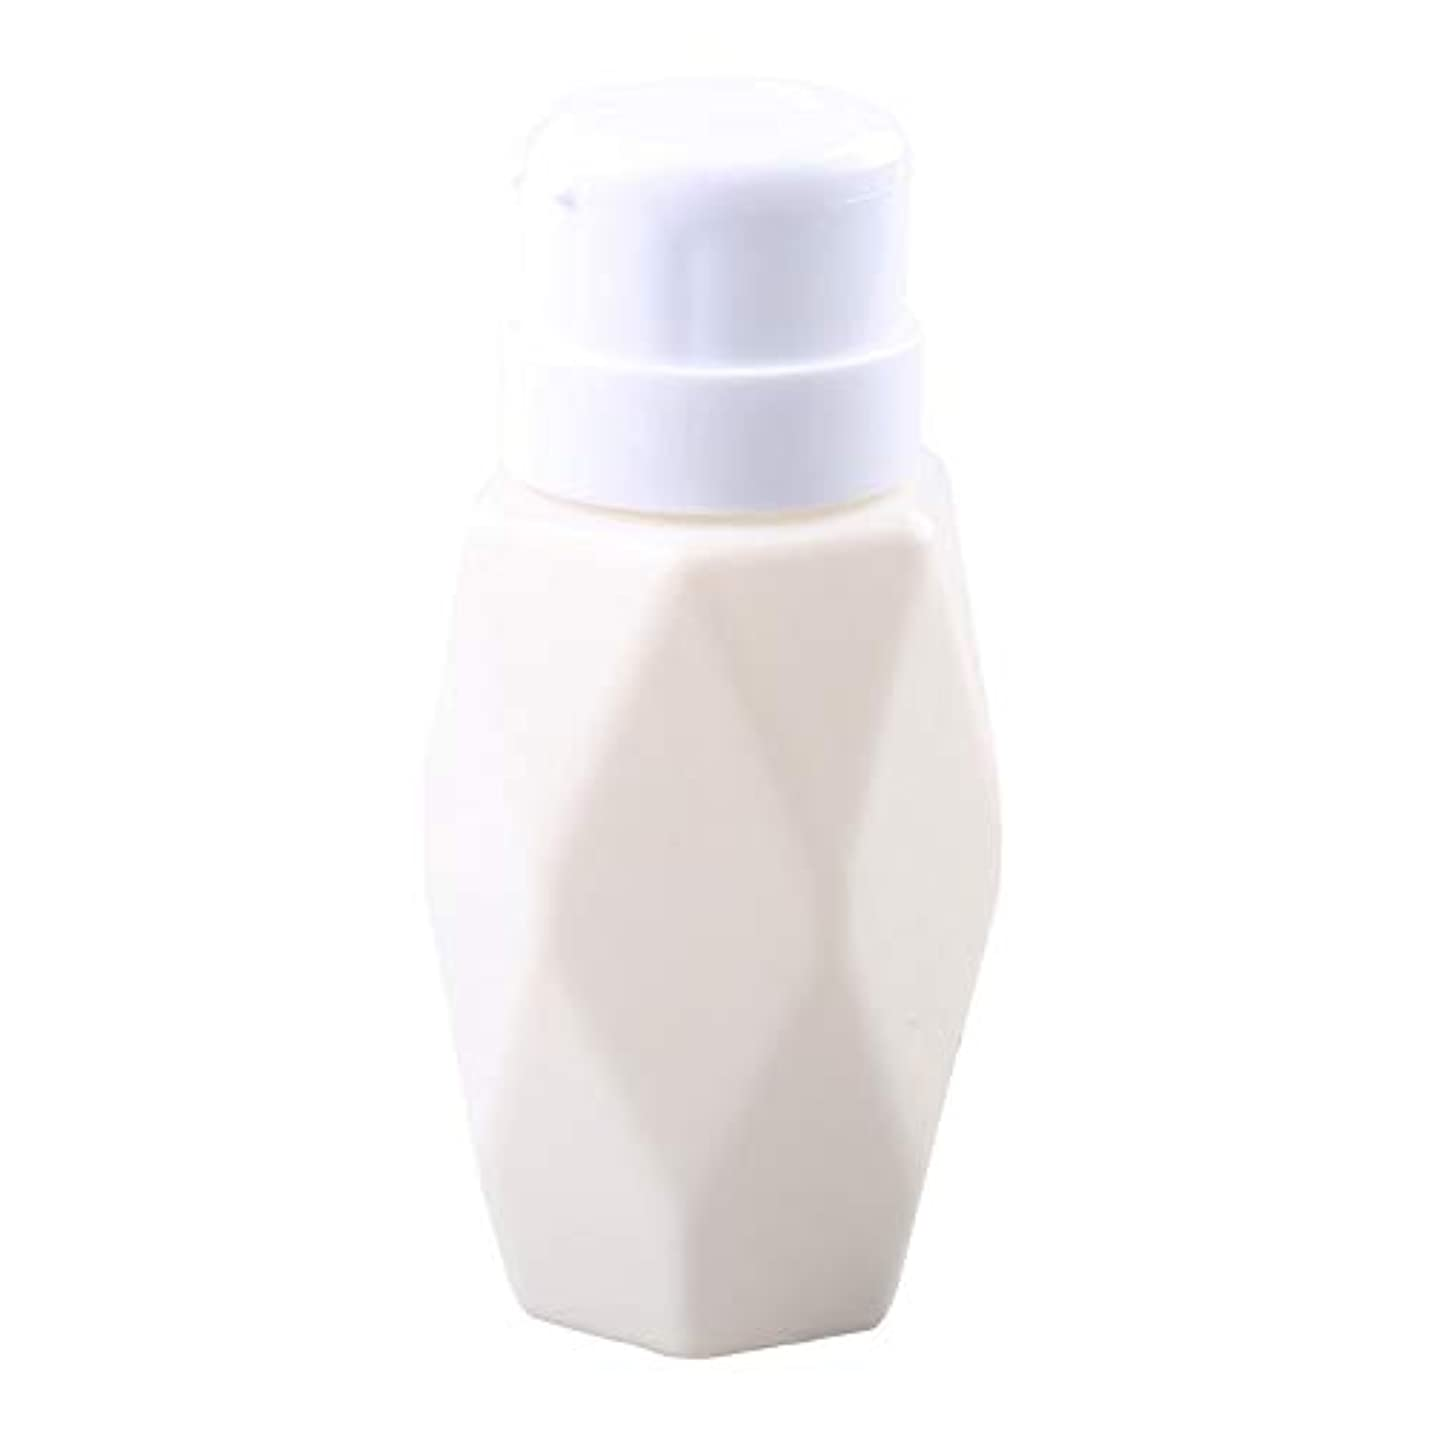 知的船外削るSODAOA屋 200ml リットル空ポンプ ボトル ネイルクリーナーボトル ポンプディスペンサー200ml ジェルクリーナー ジェルリムーバ 可愛い ファッション 人気(ホワイト)